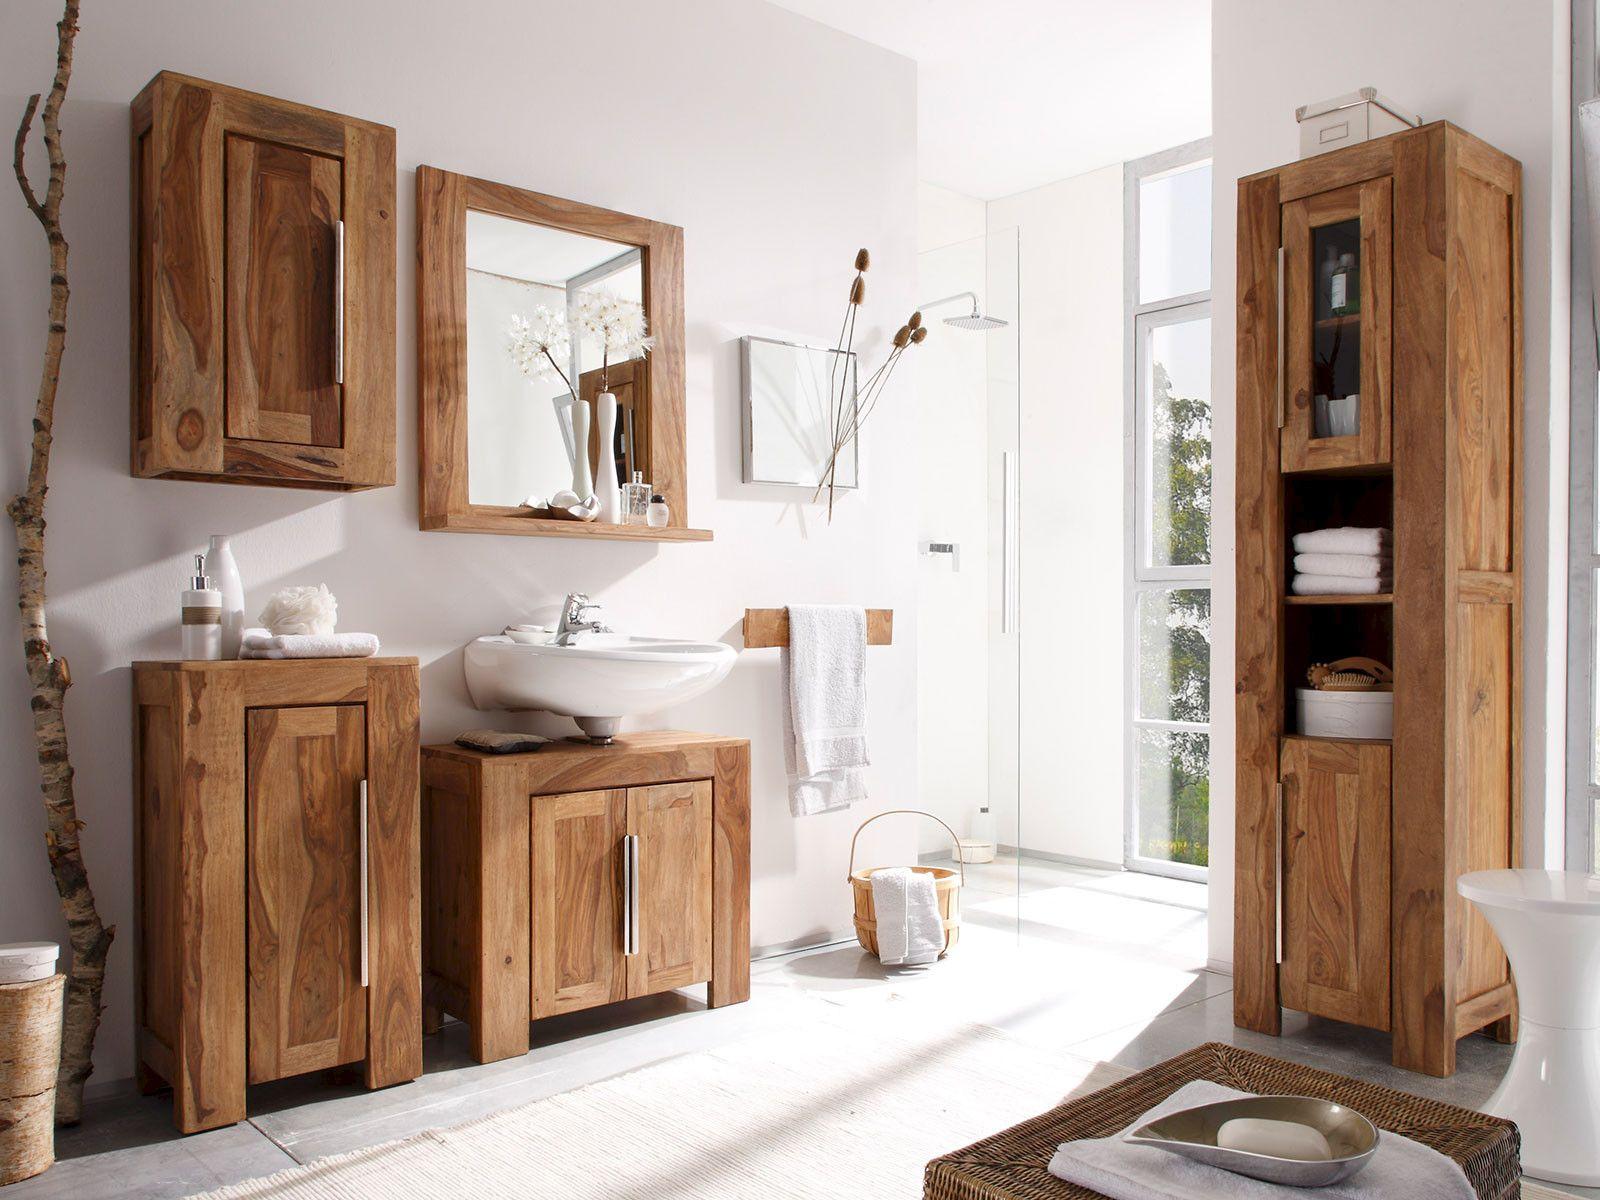 Bad Unterschrank Holz Badmobel Holz Badezimmer Gunstig Und Rustikale Badezimmer Designs